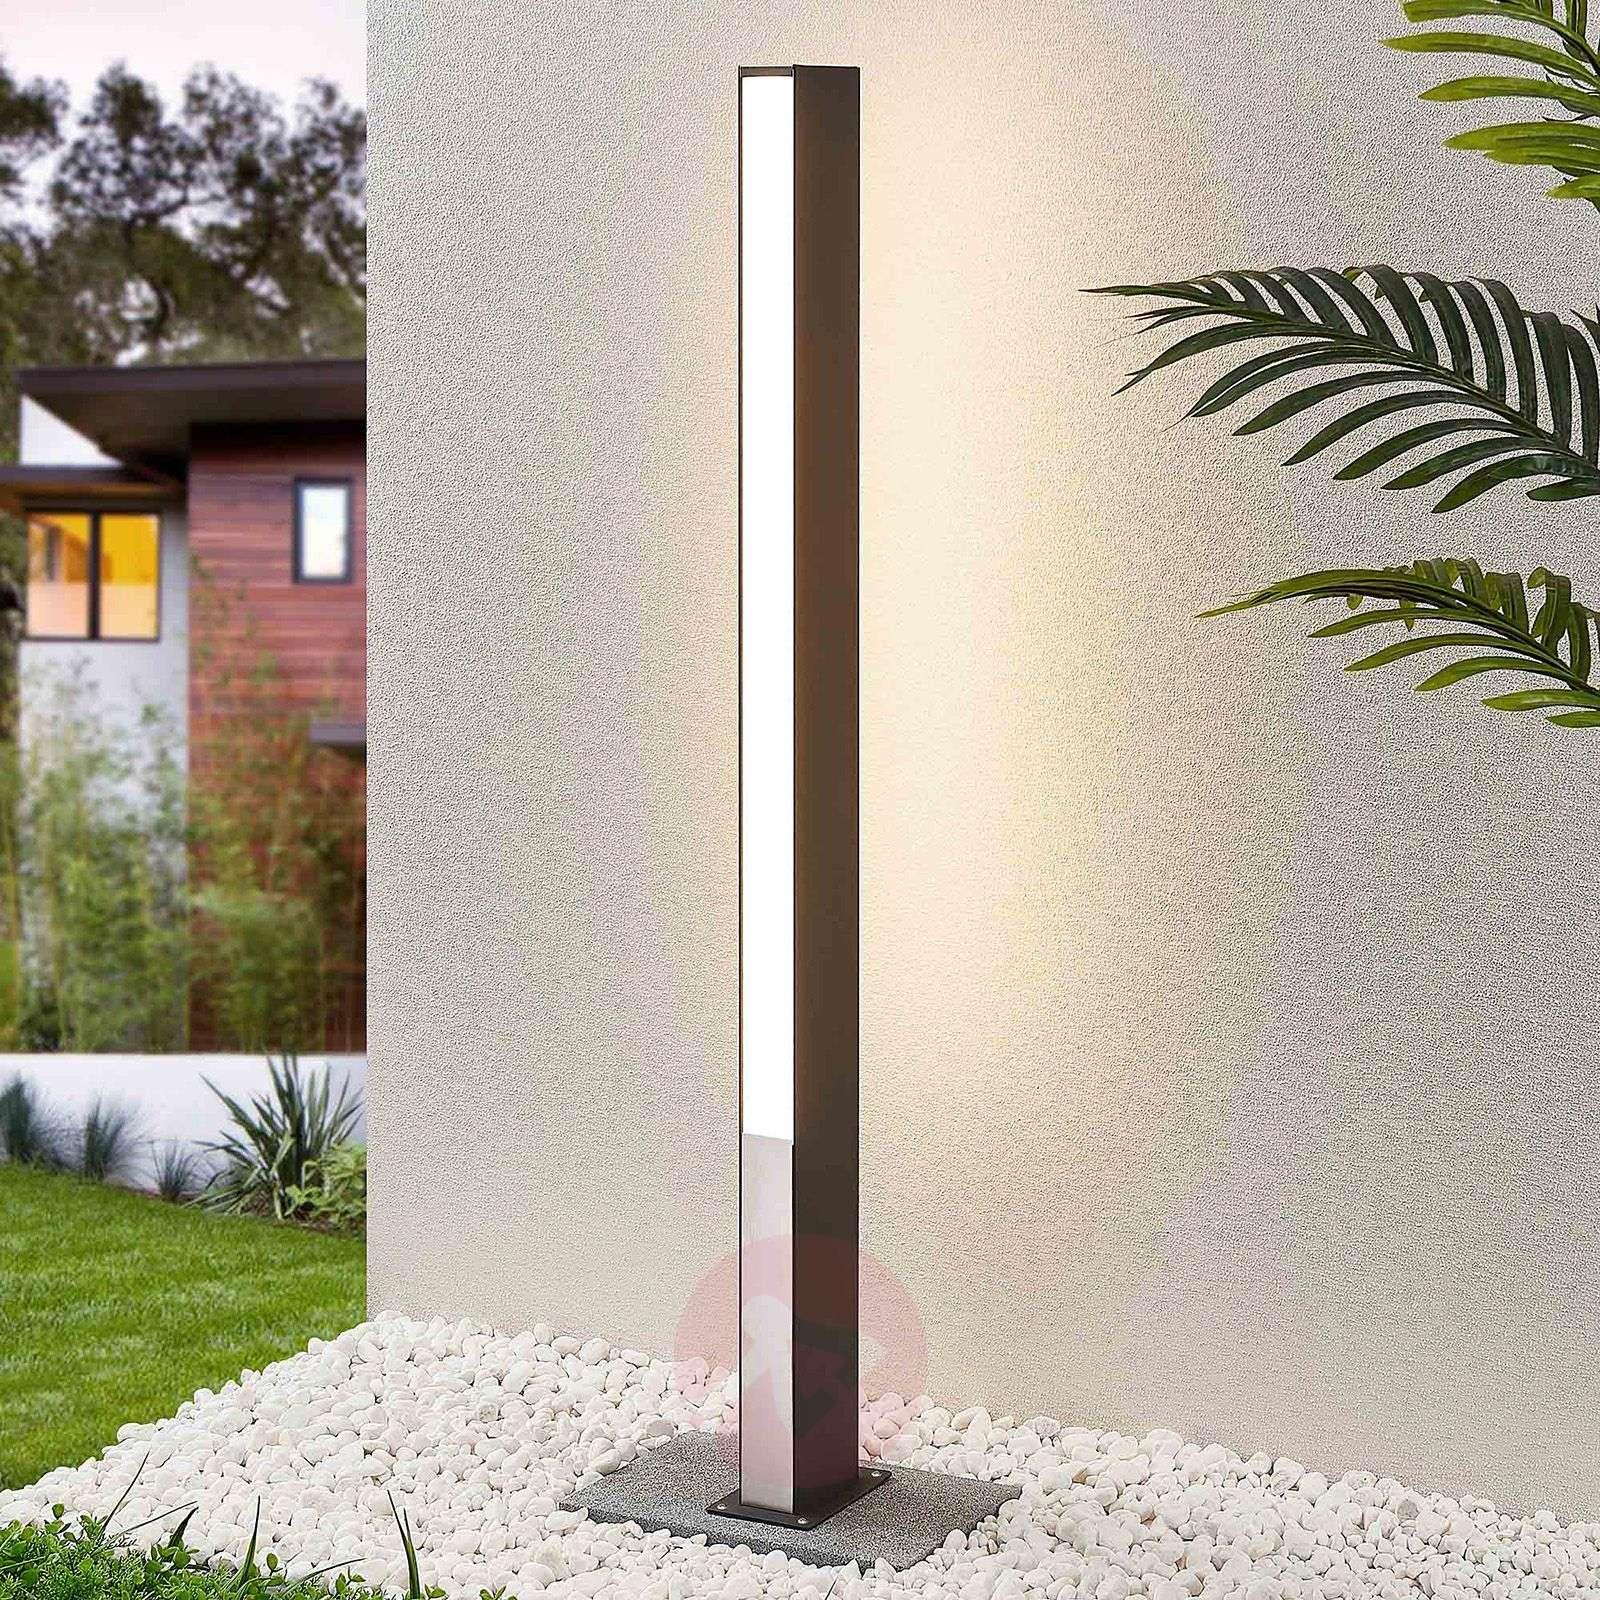 Lucande Aegisa-LED-pylväsvalaisin, 110 cm-9619185-02